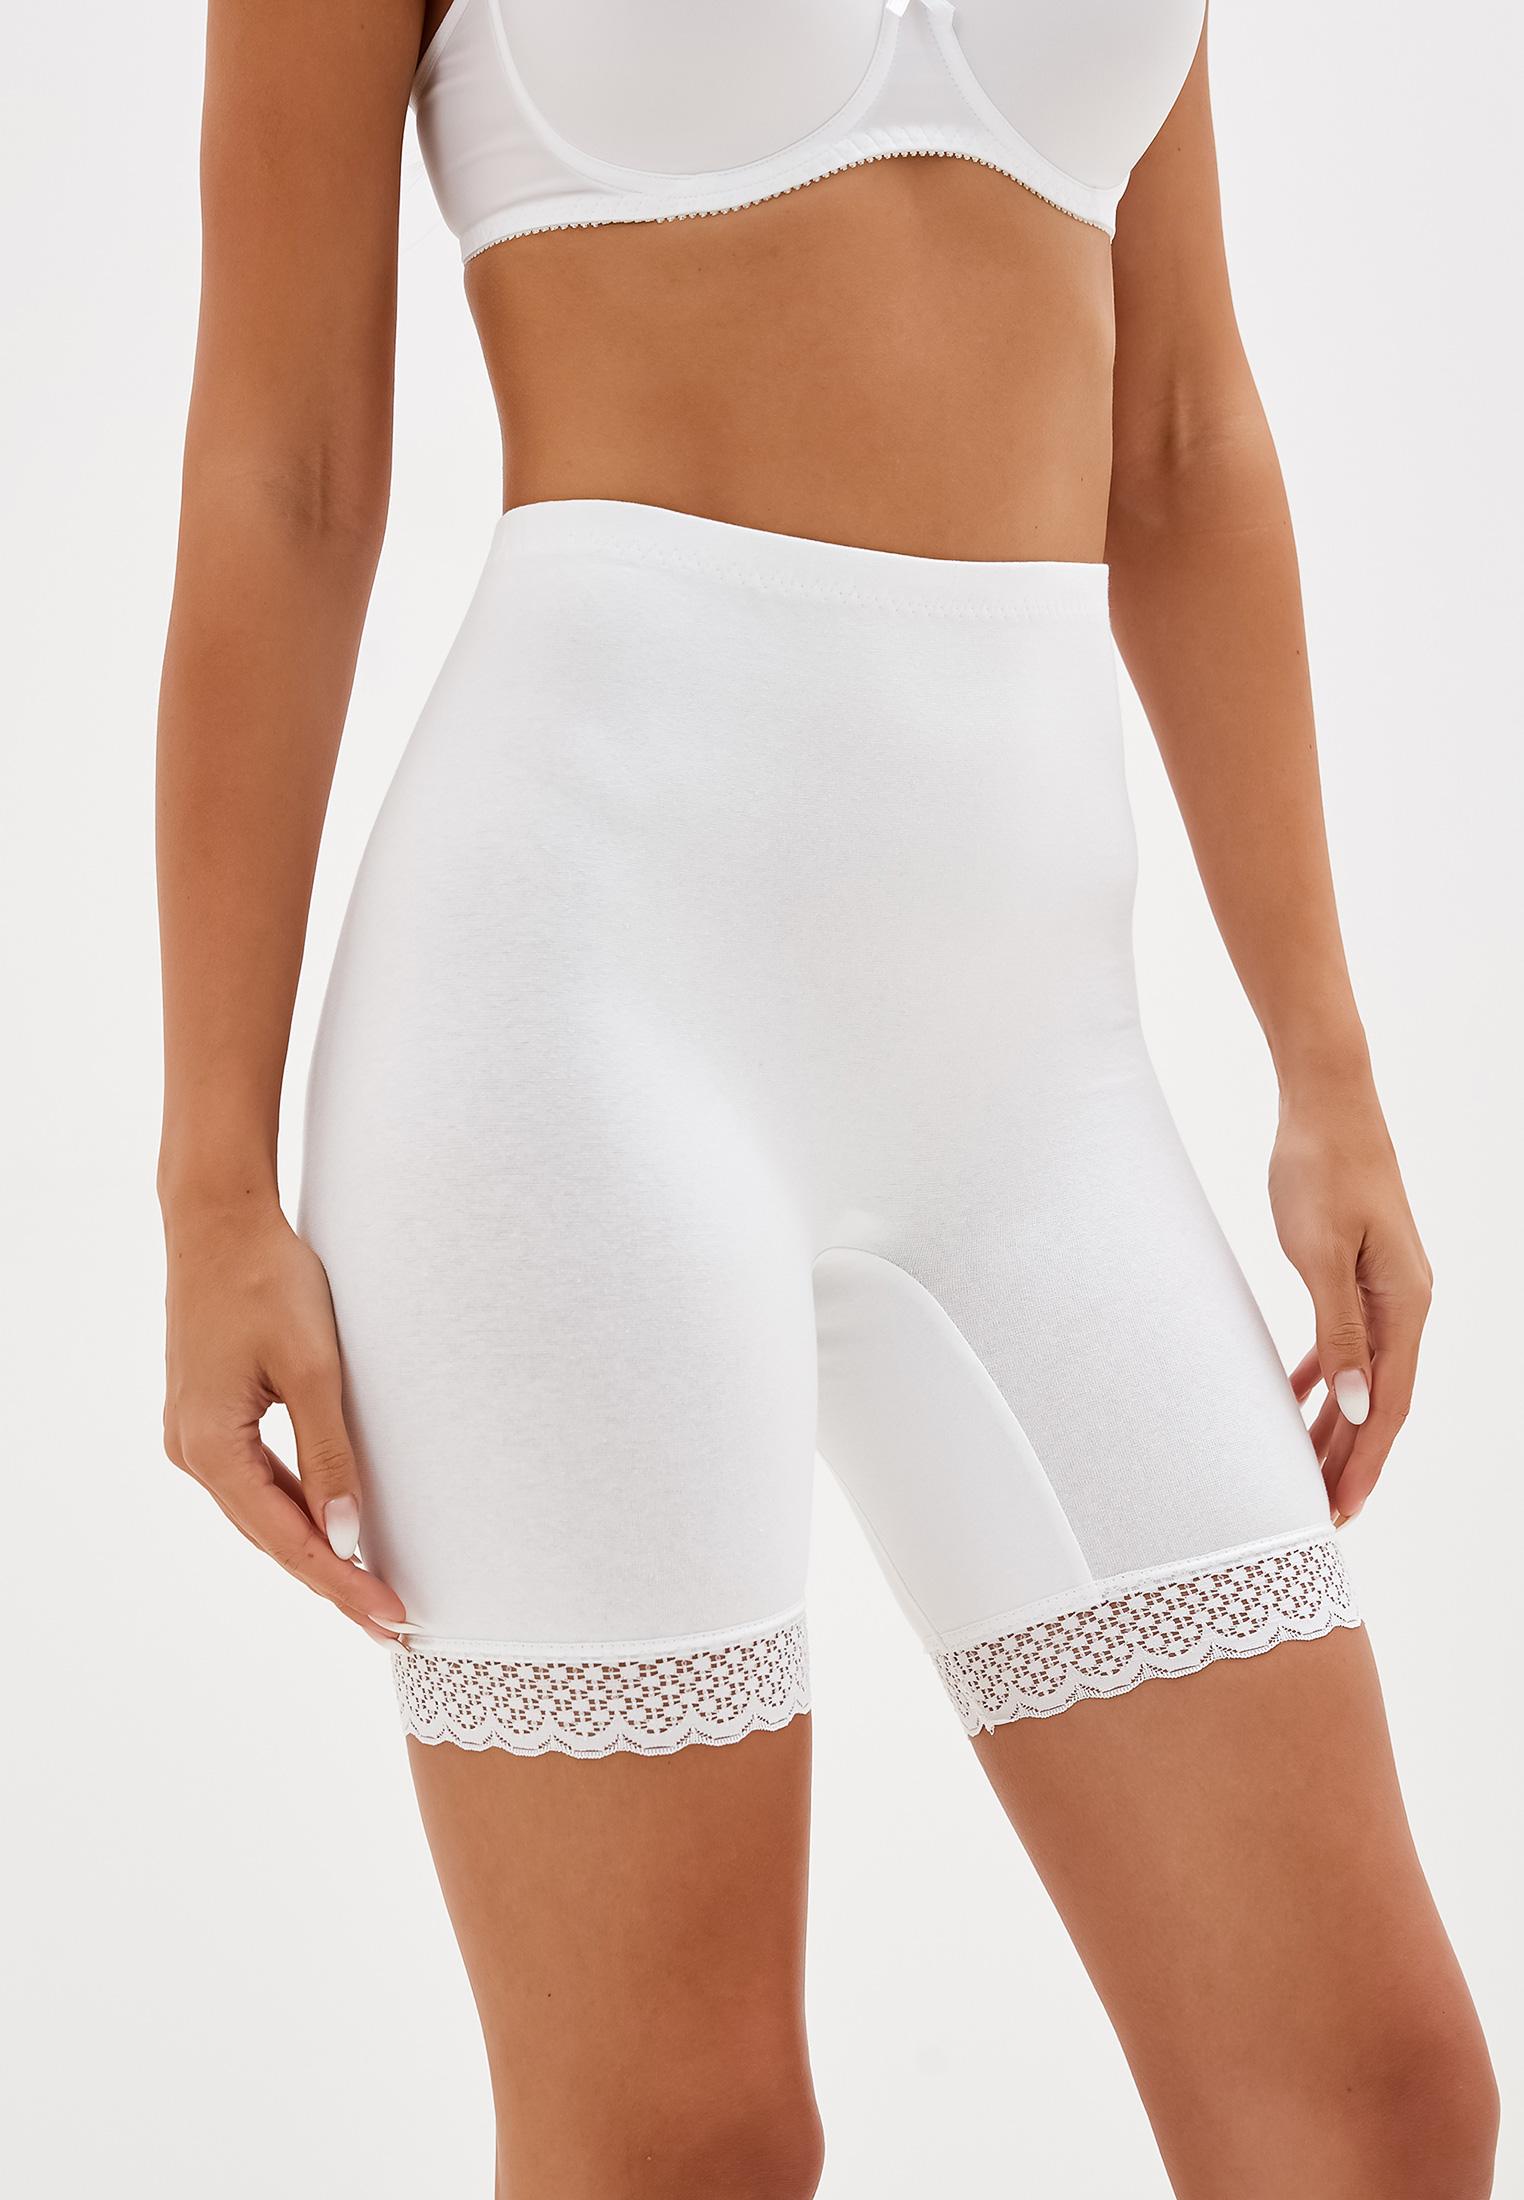 Панталоны женские НОВОЕ ВРЕМЯ T014 белые 64 RU